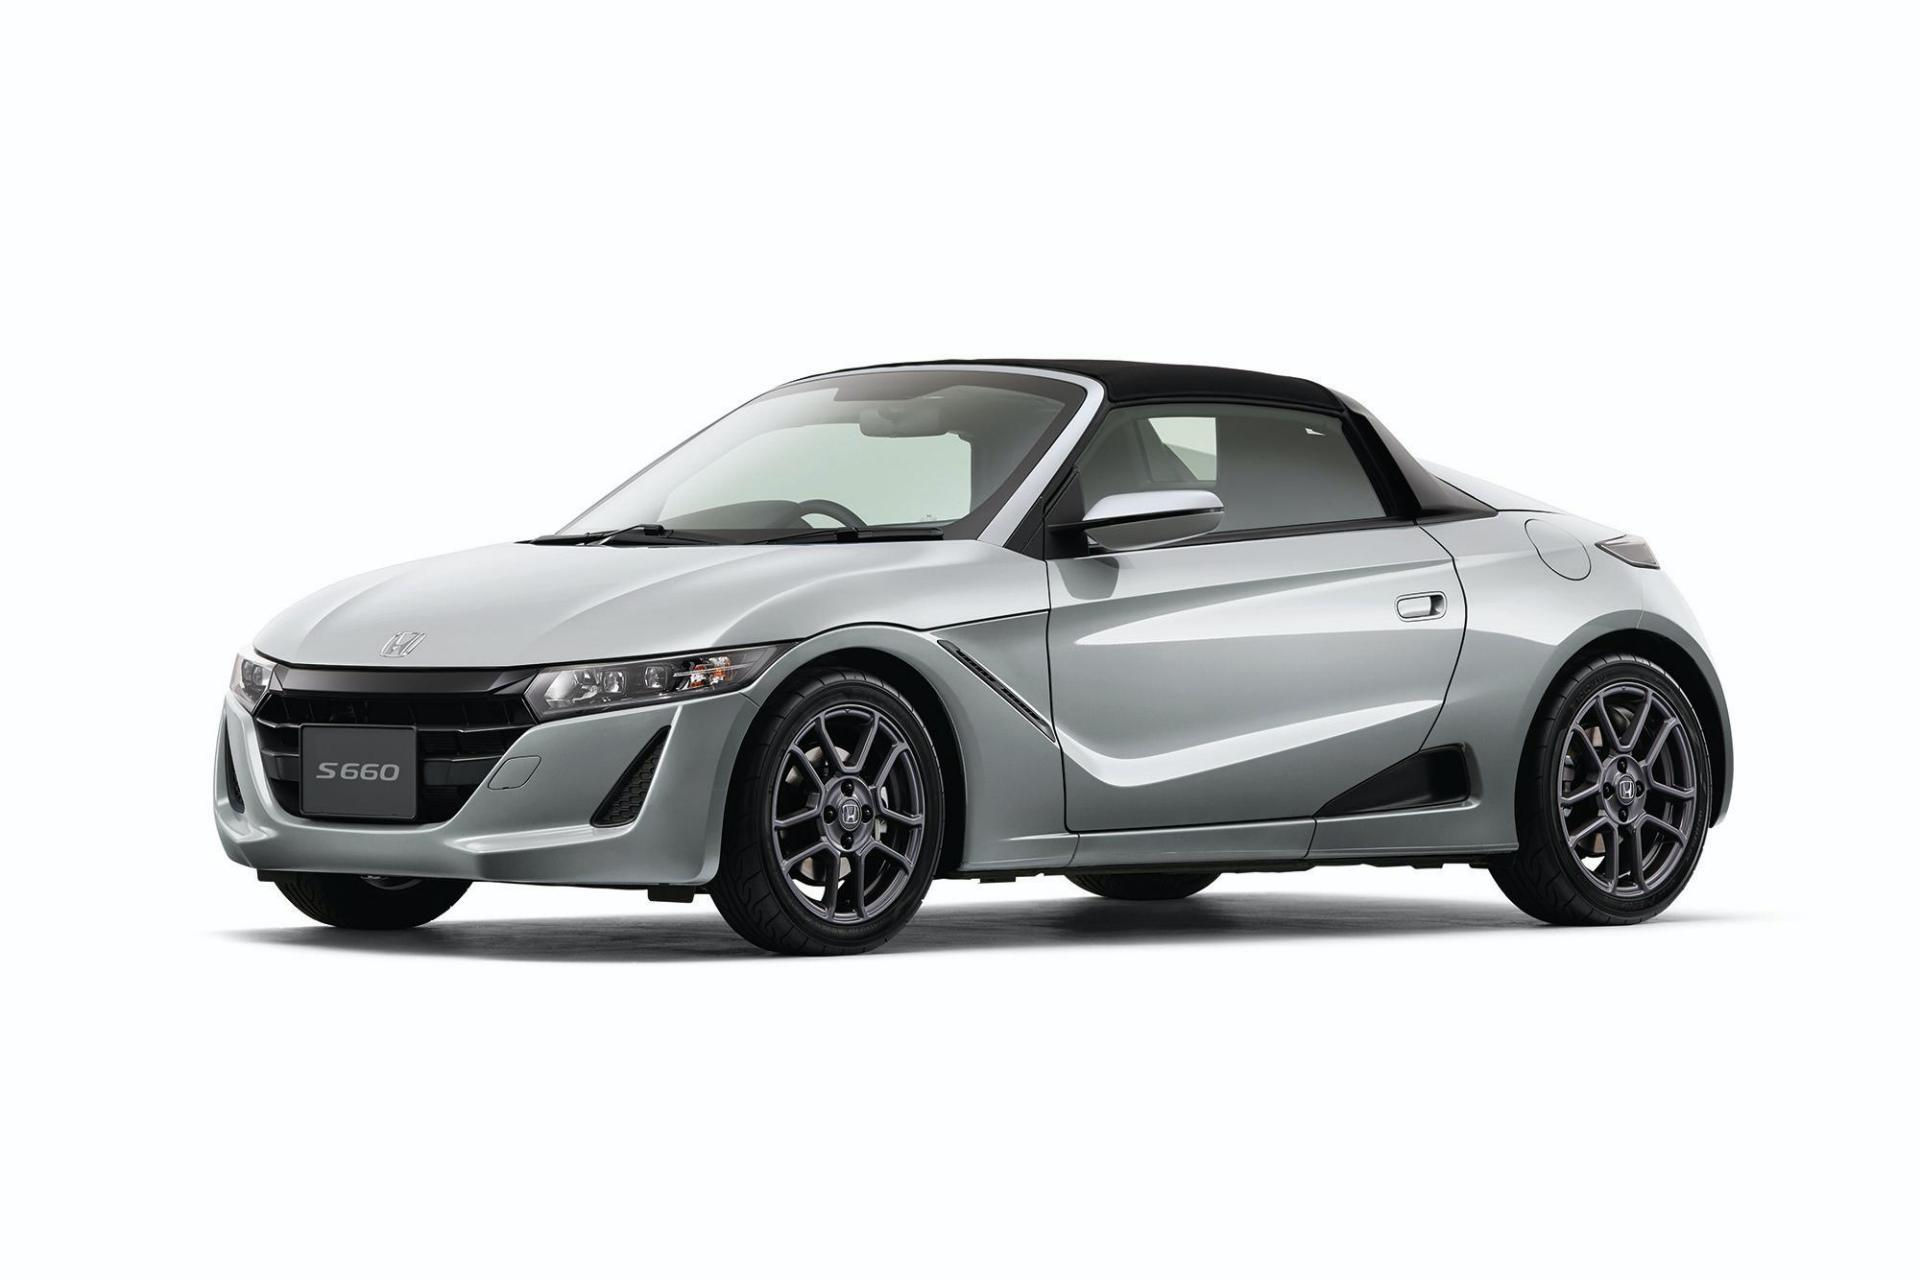 2020_Honda_S660_facelift_0019